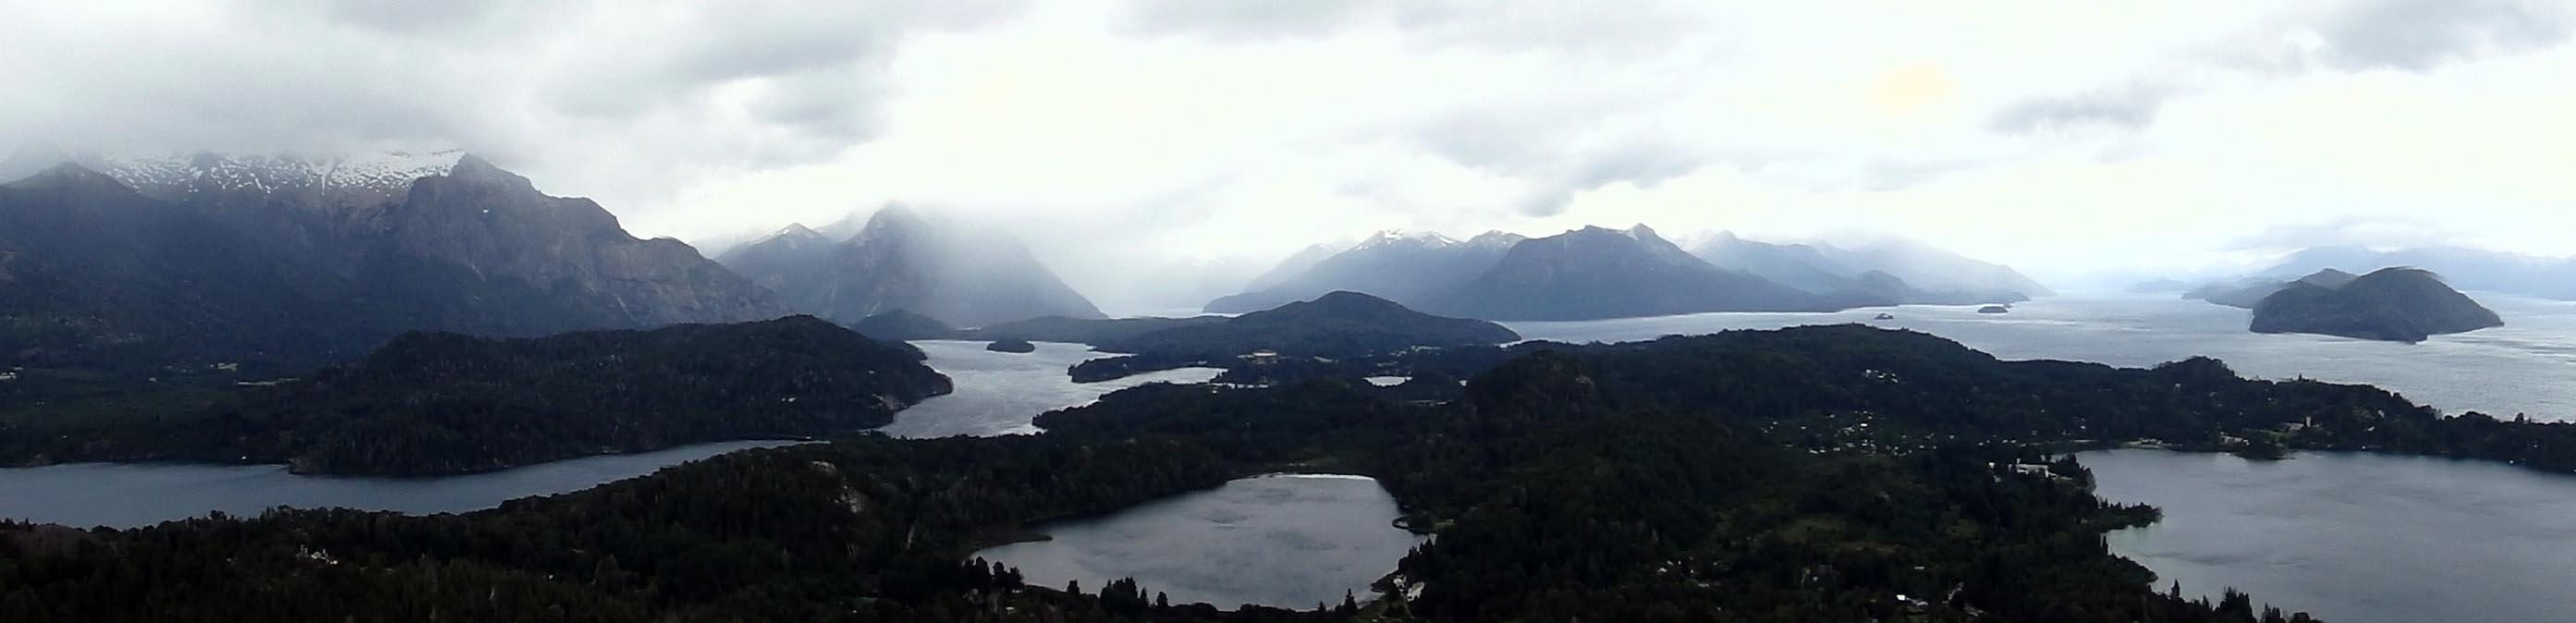 180101_Bariloche-Cerro Campanario79